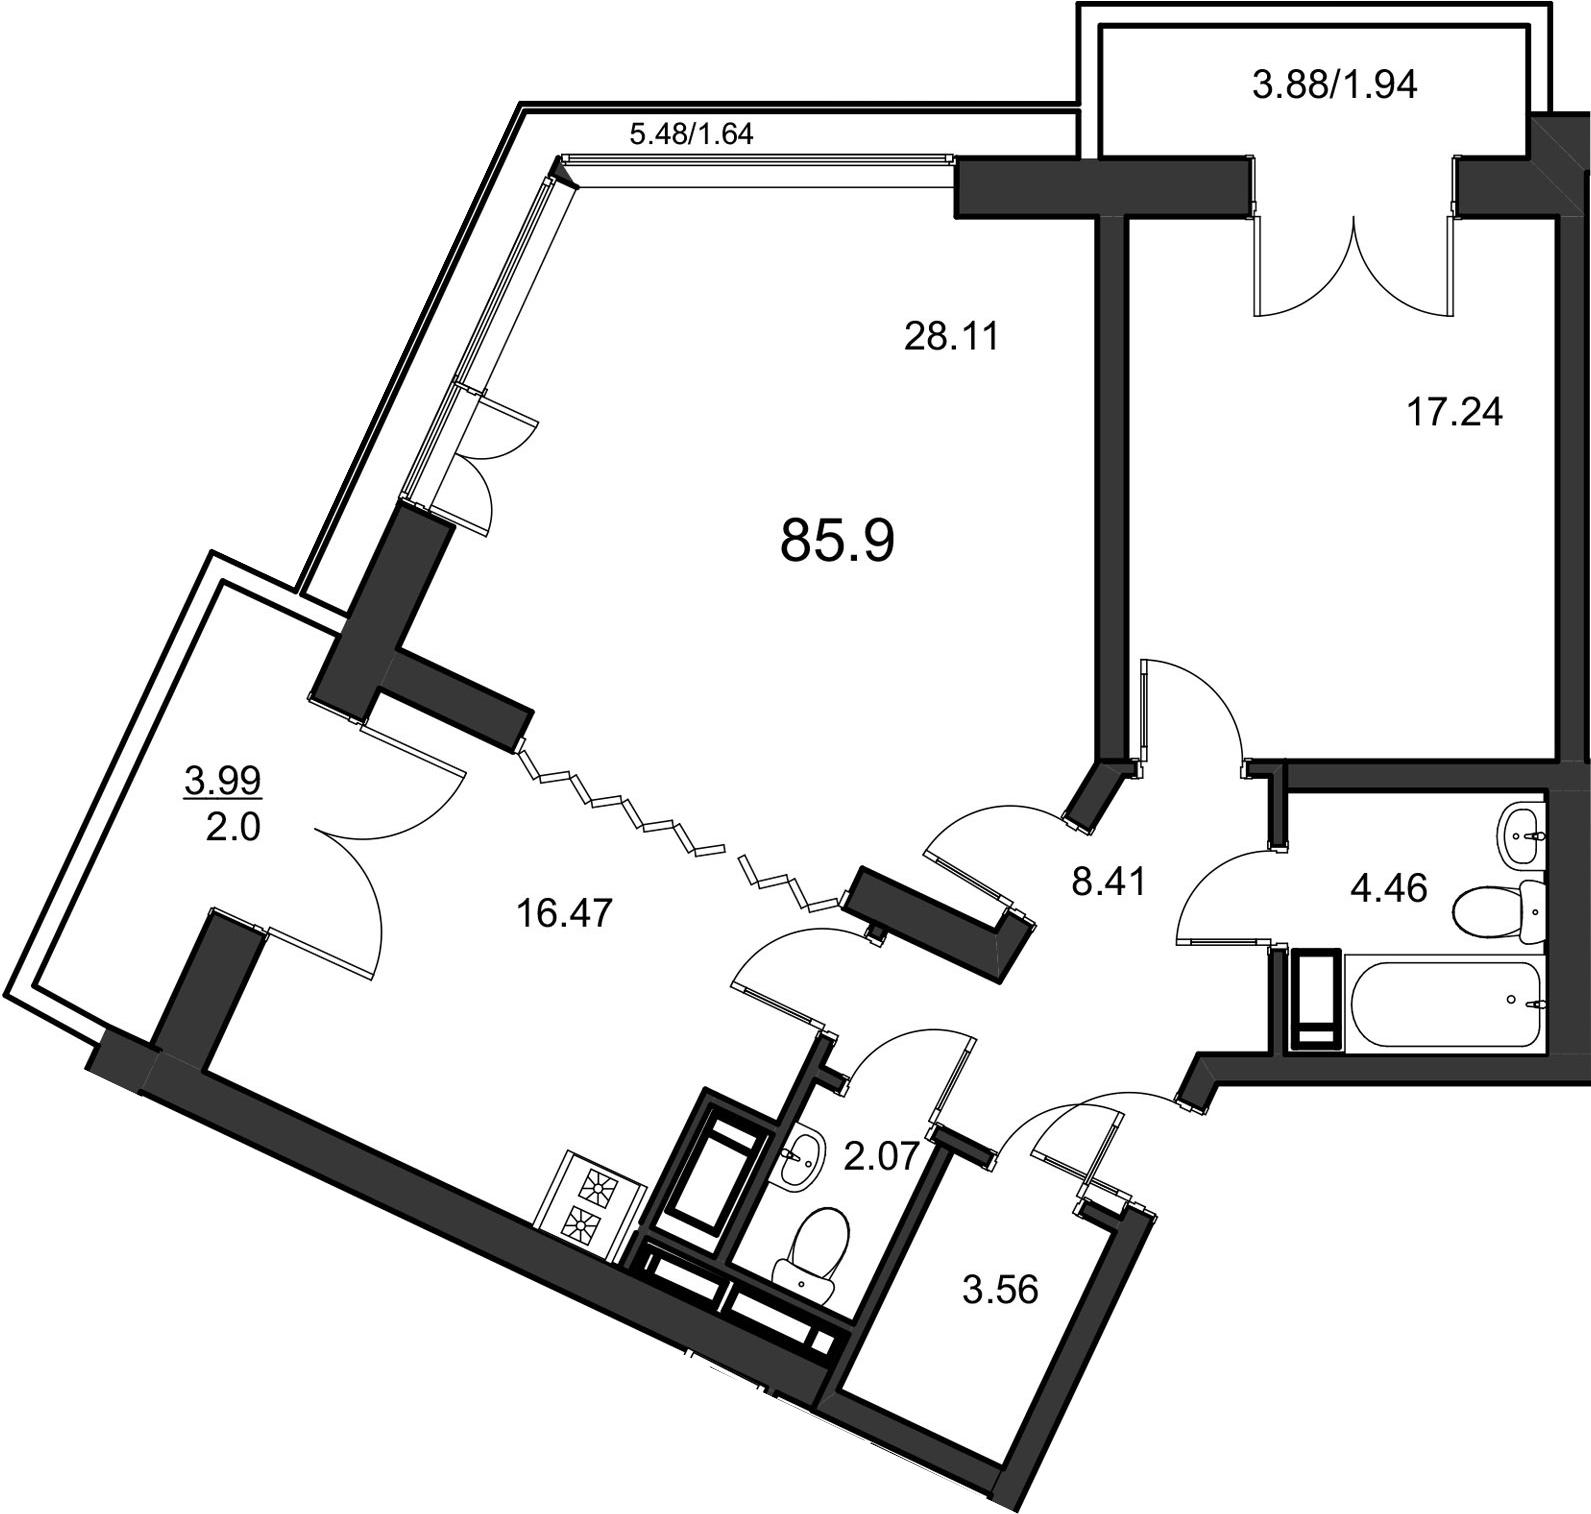 2-комнатная, 85.9 м²– 2